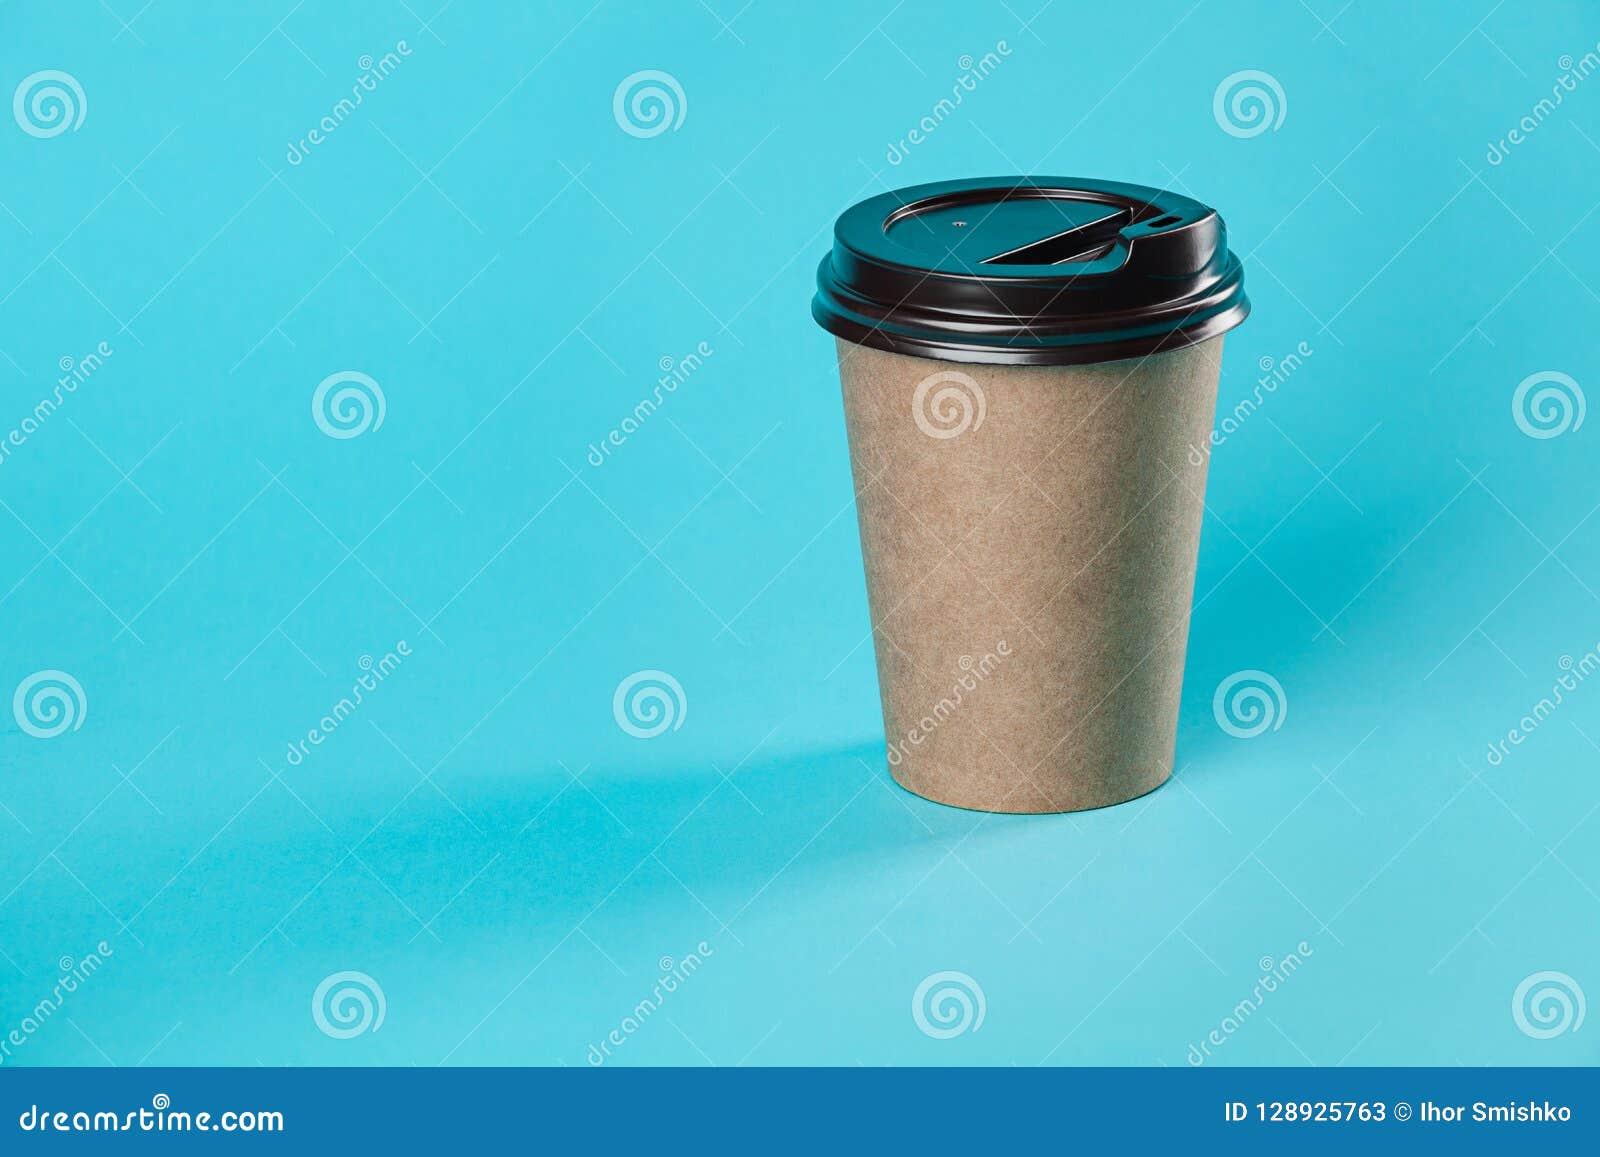 Modelo de papel afastado do copo de café isolado no fundo azul